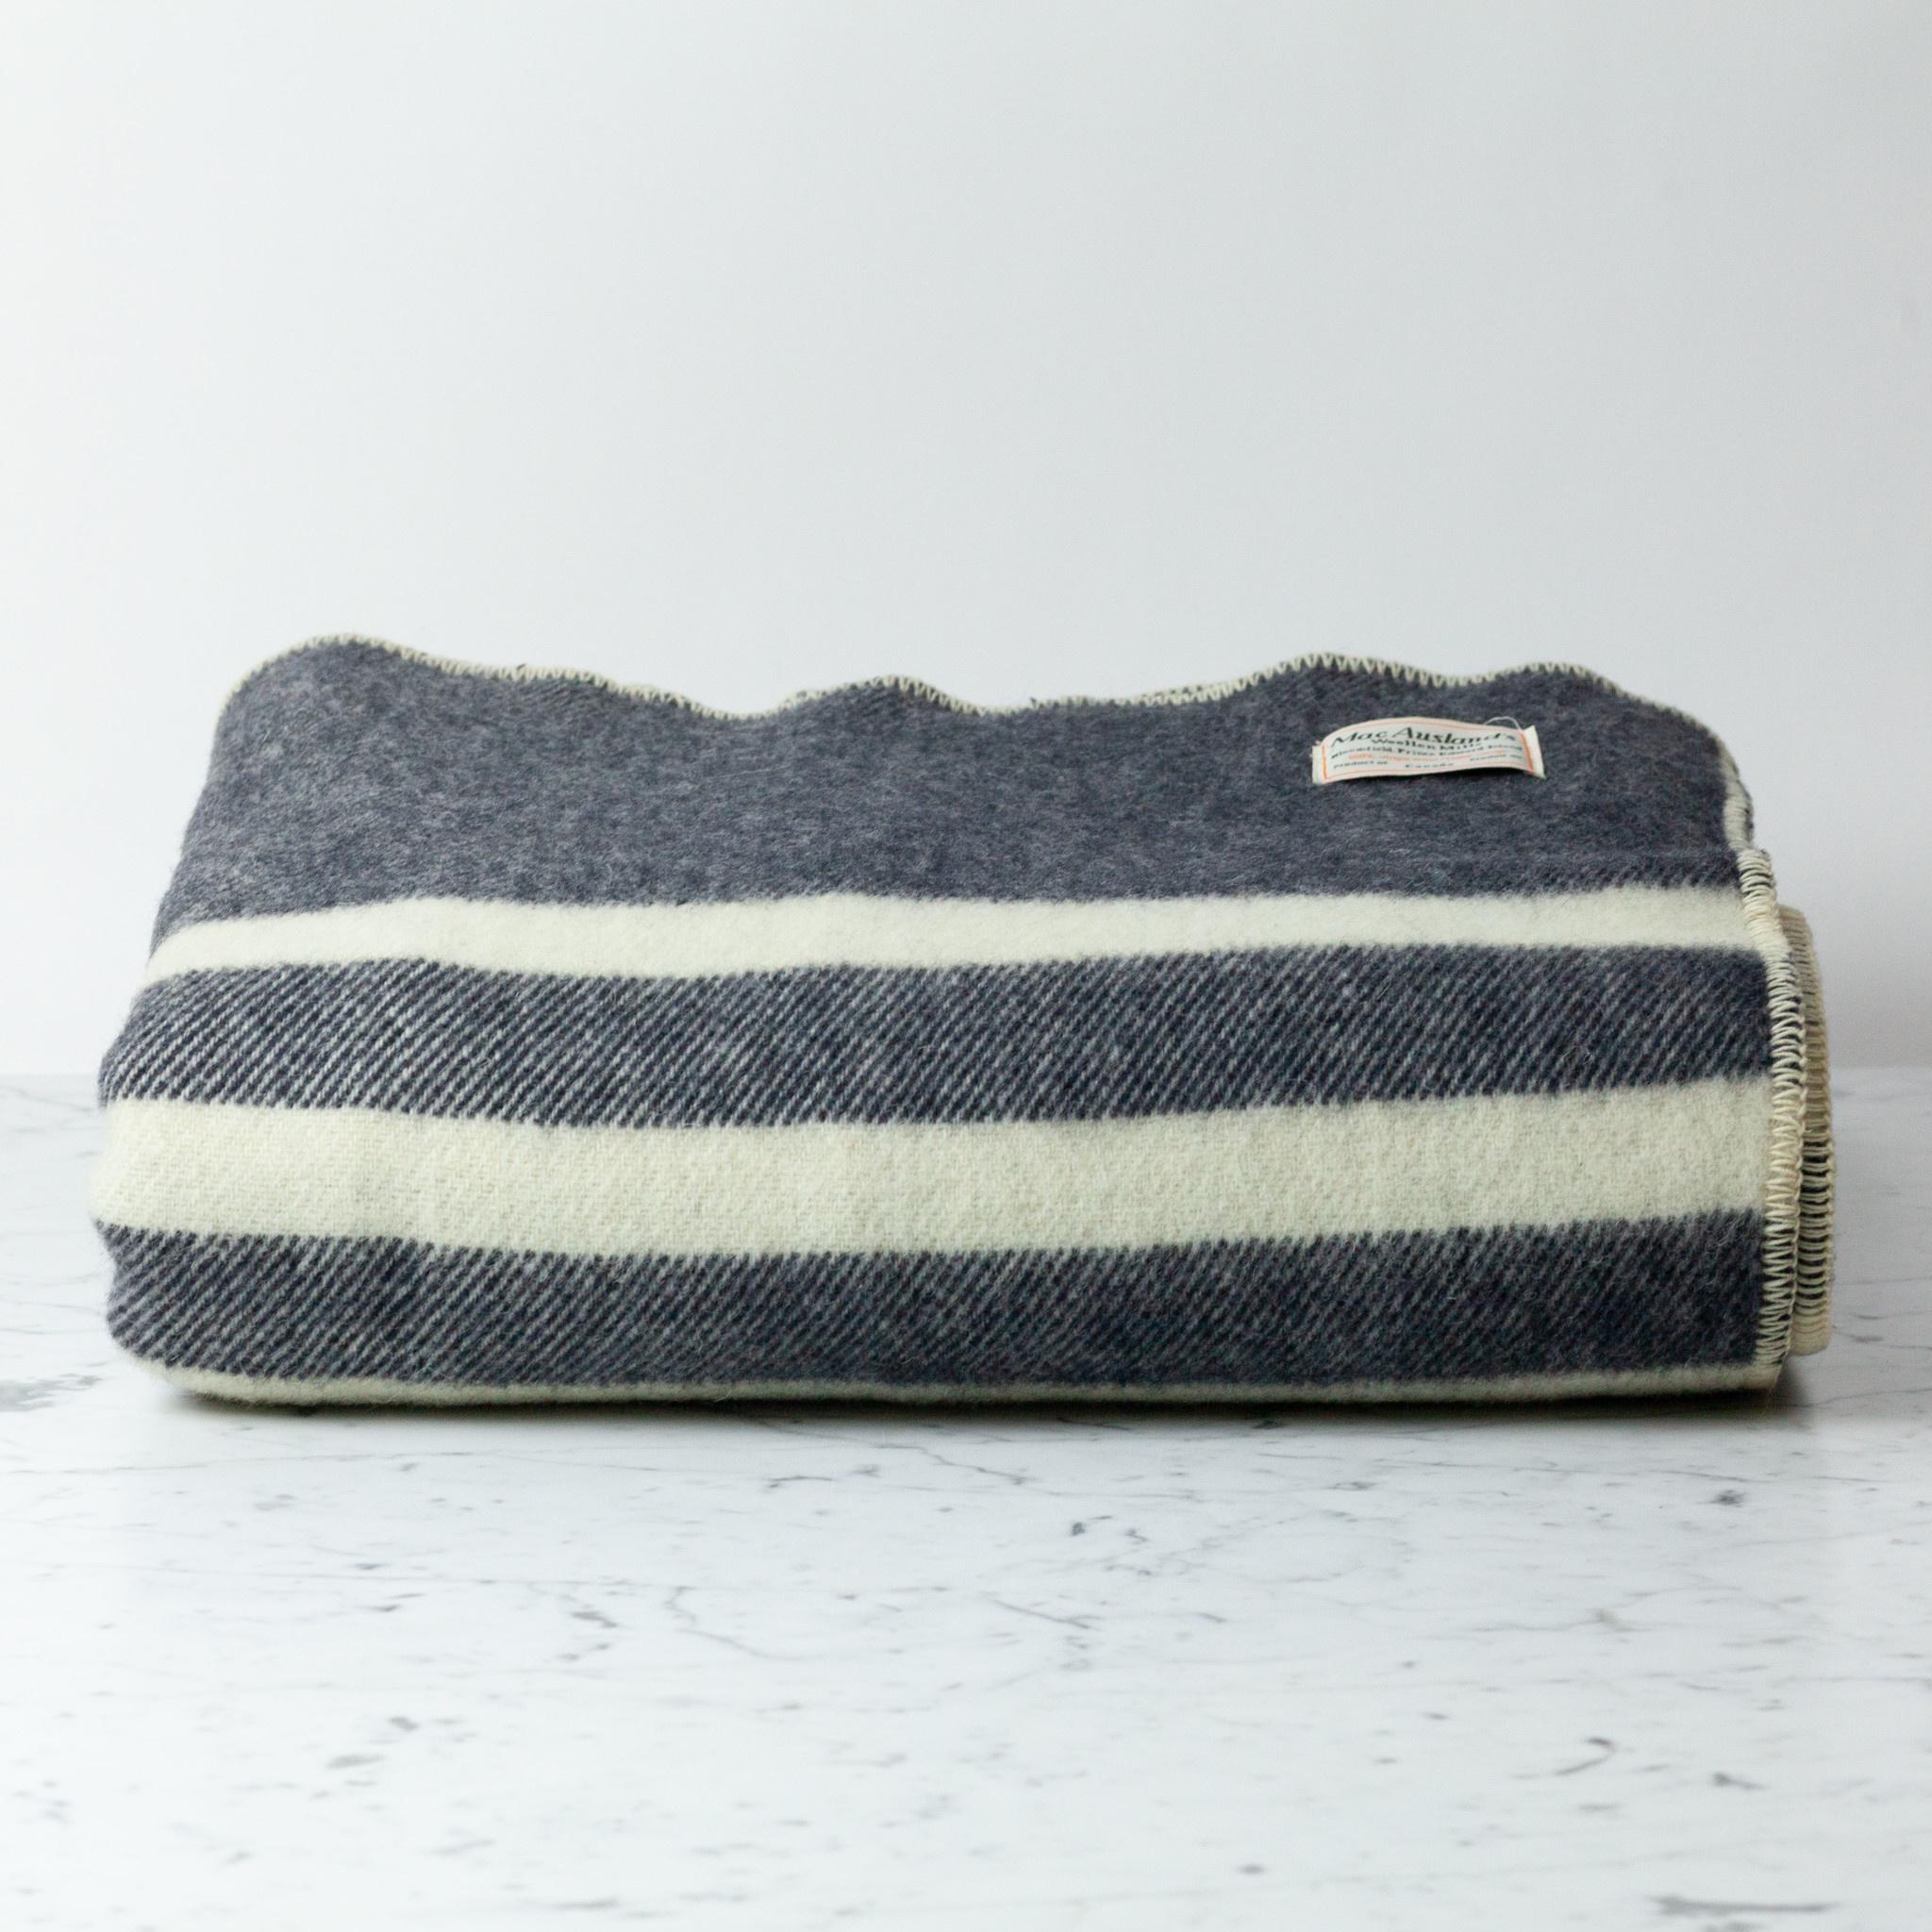 """MacAusland MacAusland Wool Queen Size Blanket - Black Tweed - 78 x 104"""""""